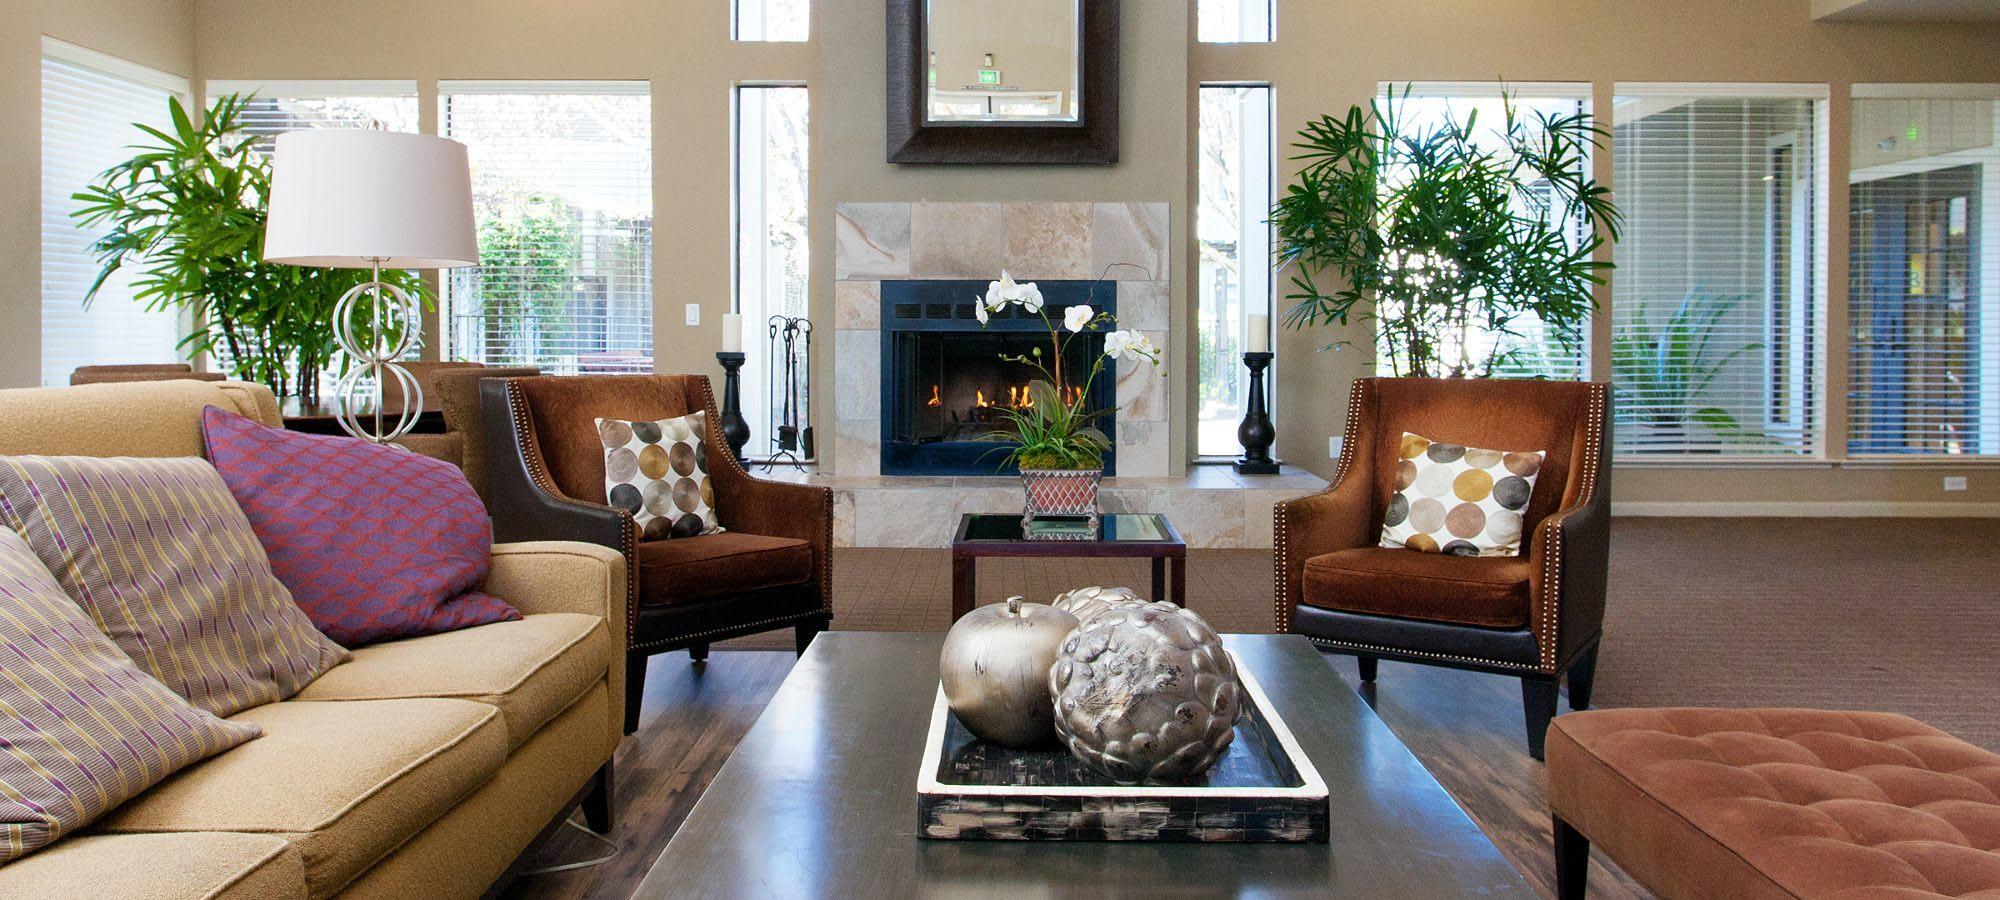 Delicieux Apartments In Santa Rosa, CA